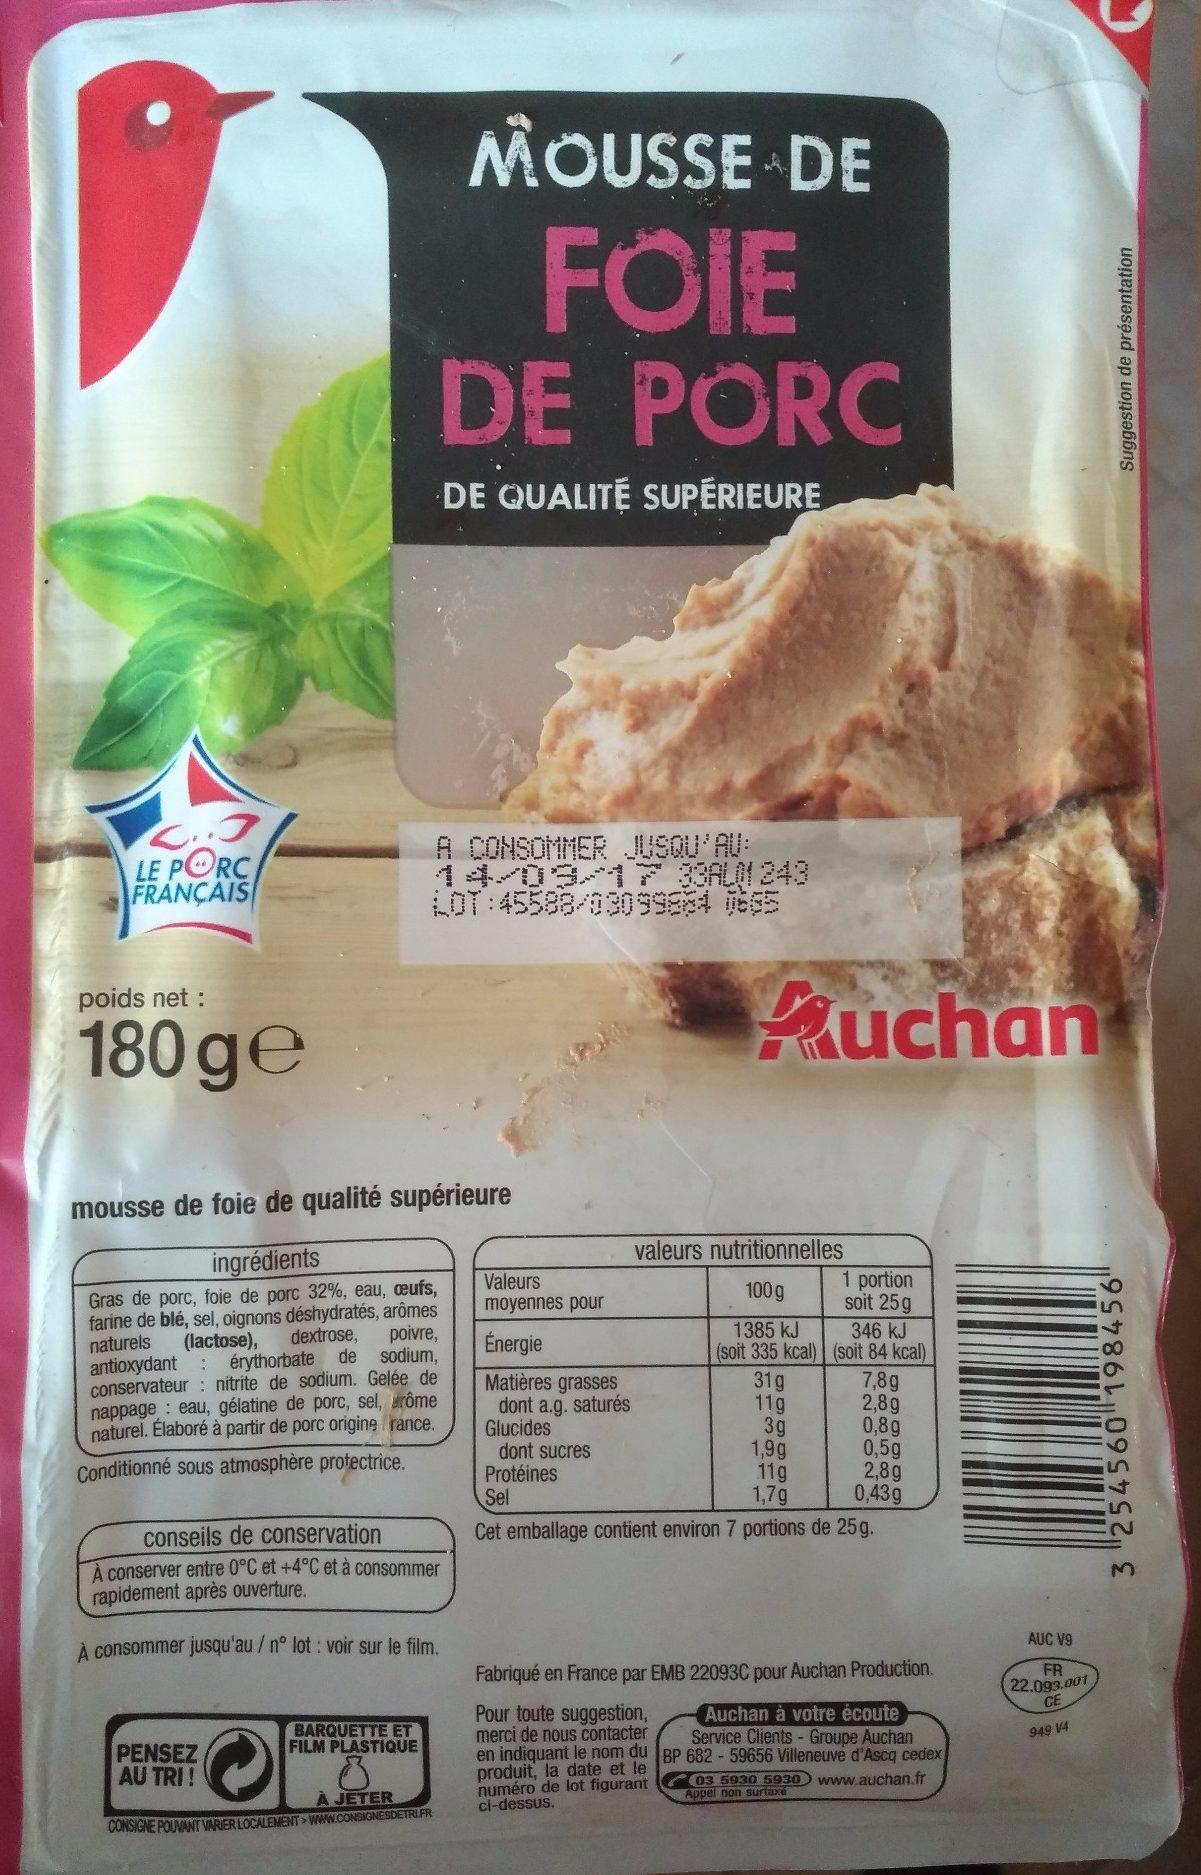 Mousse de foie de porc - Product